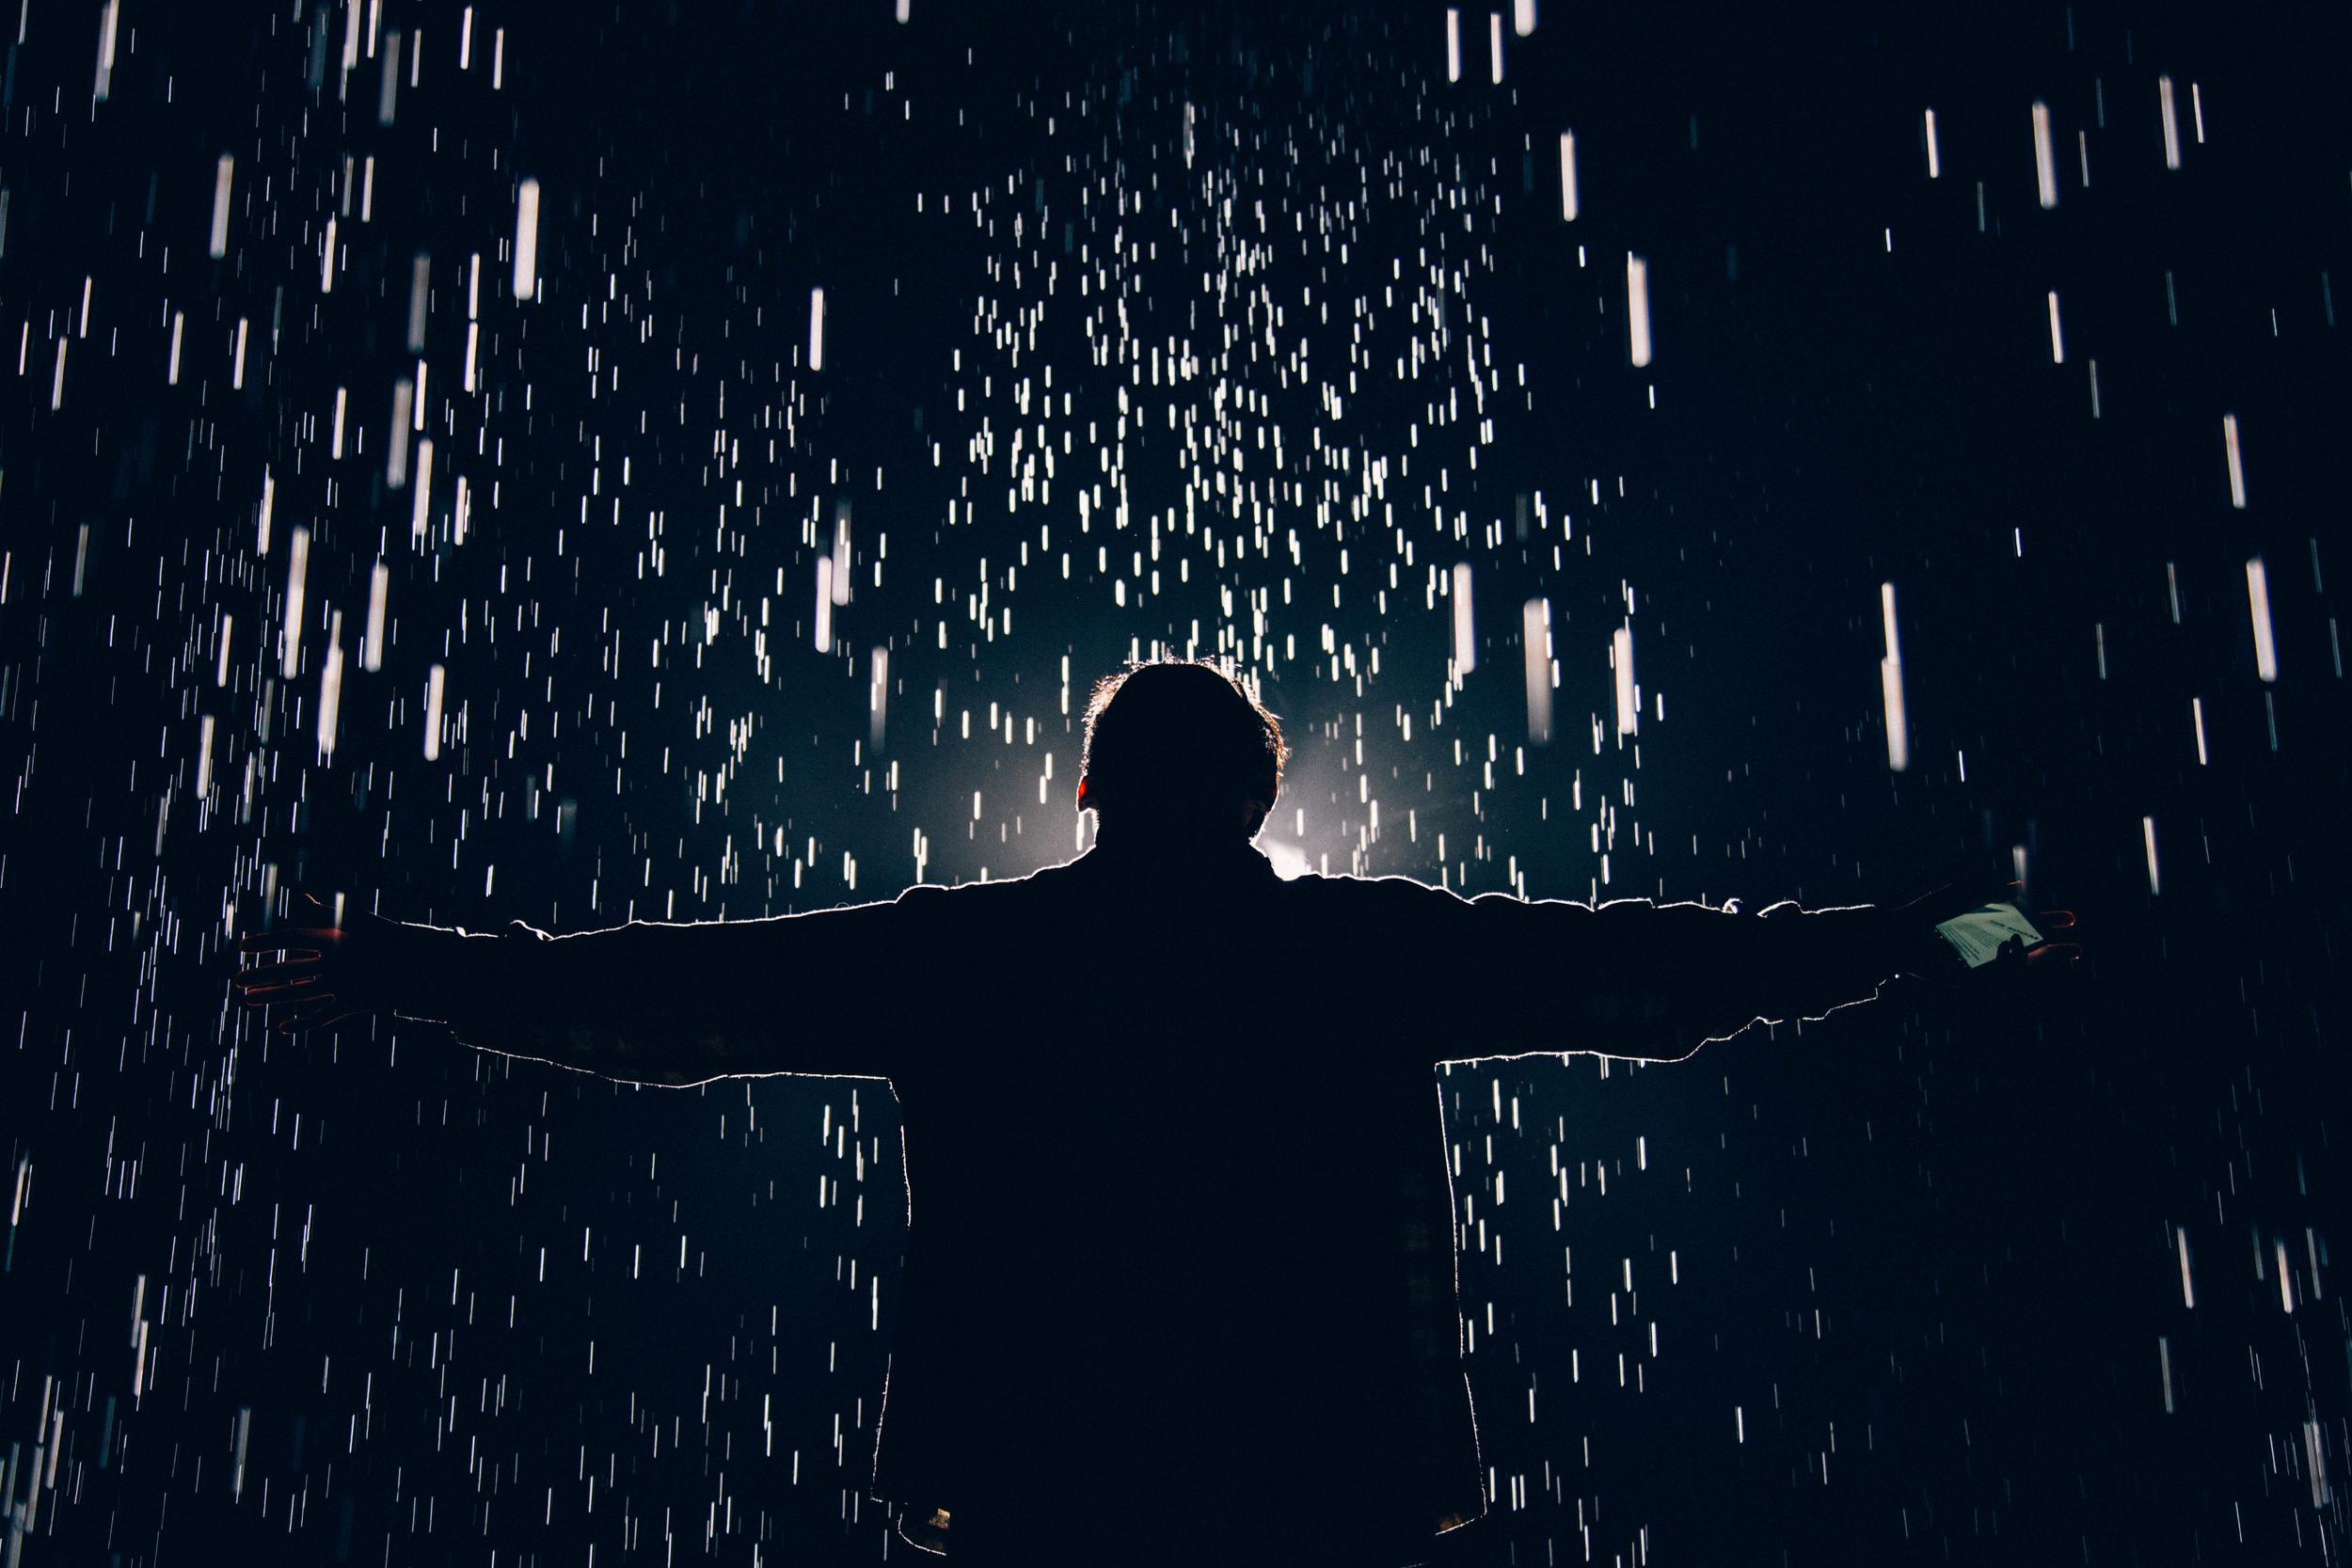 rainroom1-2.jpg